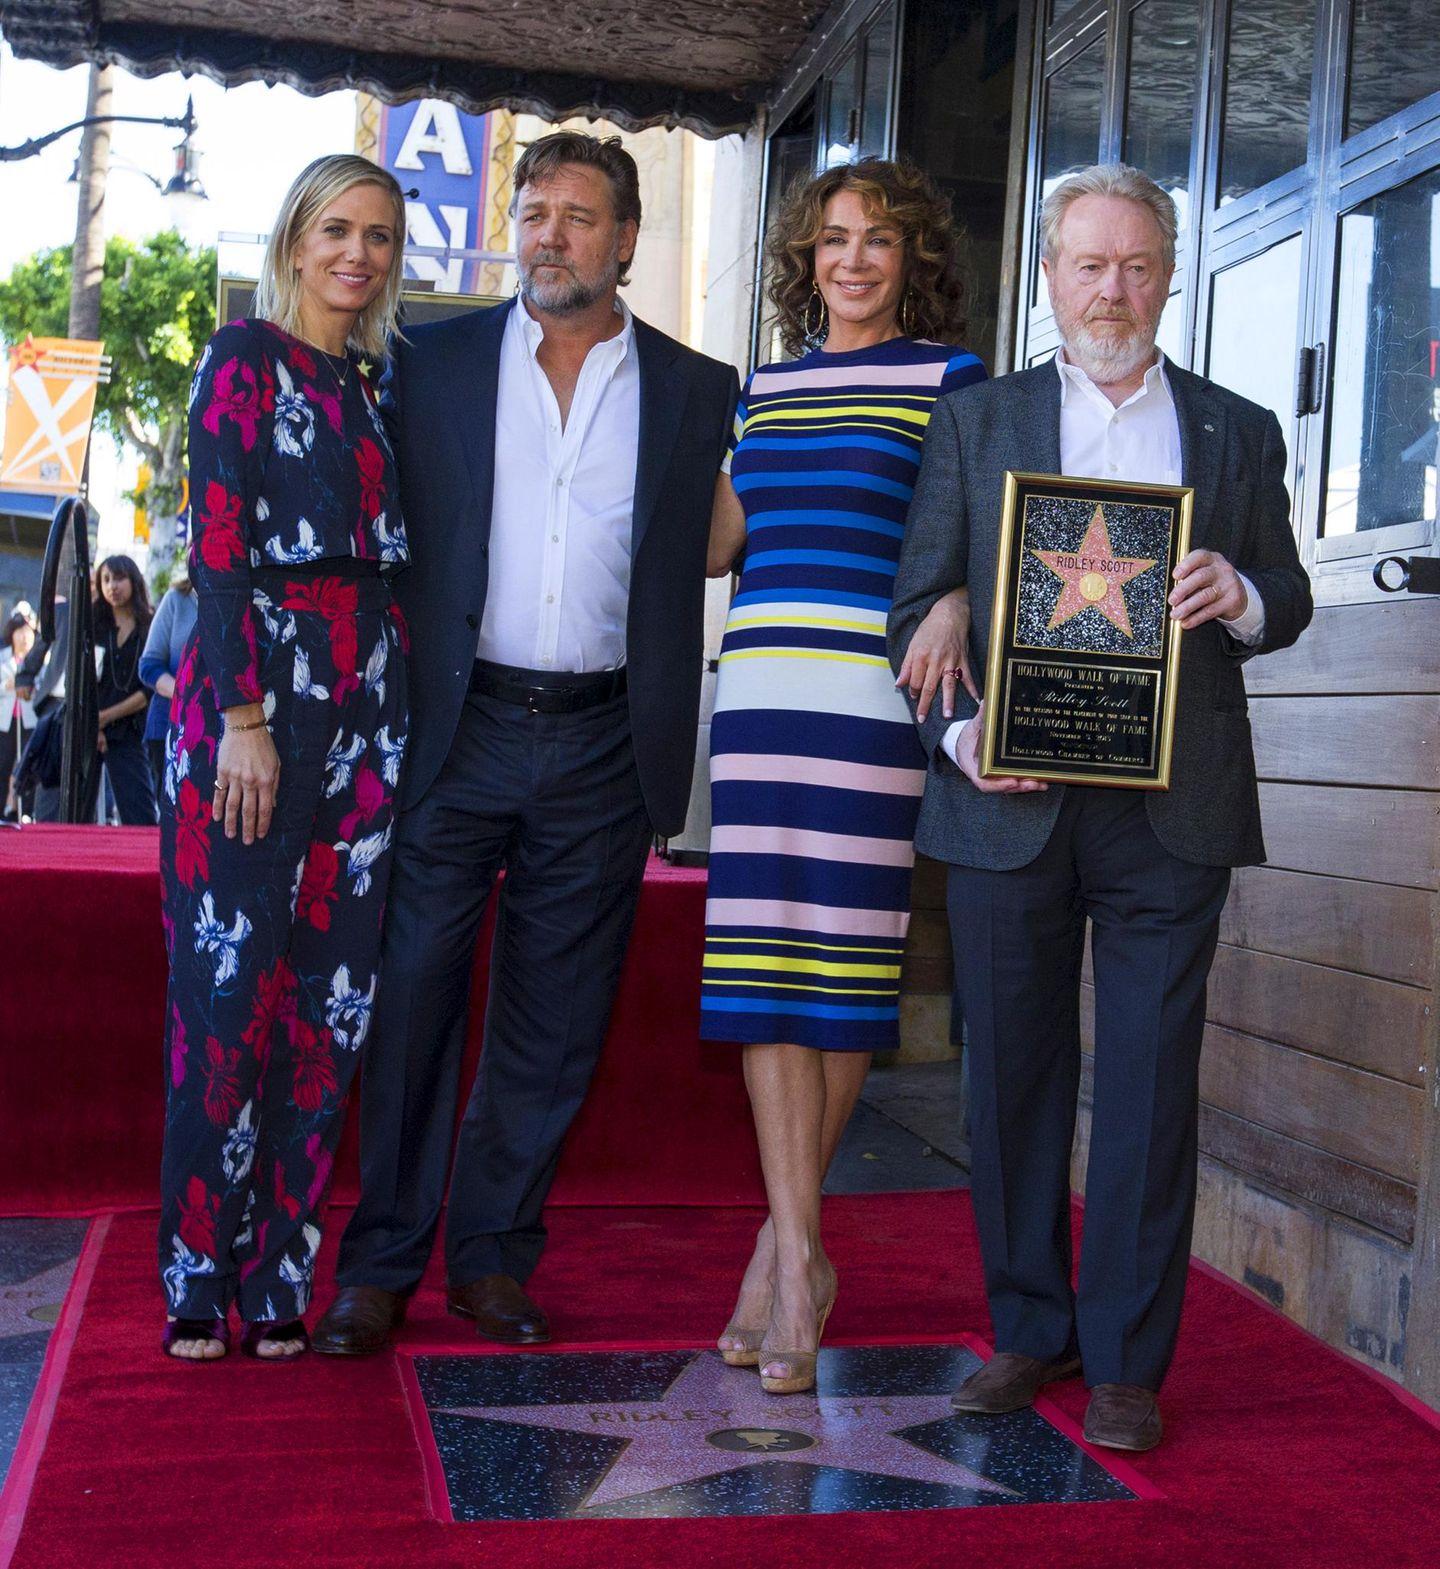 5. November 2015: Regisseur Ridley Scott bekommt einen berühmten Stern in Hollywood. Kristen Wiig, Russell Crow und seine Frau Giannina Facio gratulierem ihm.